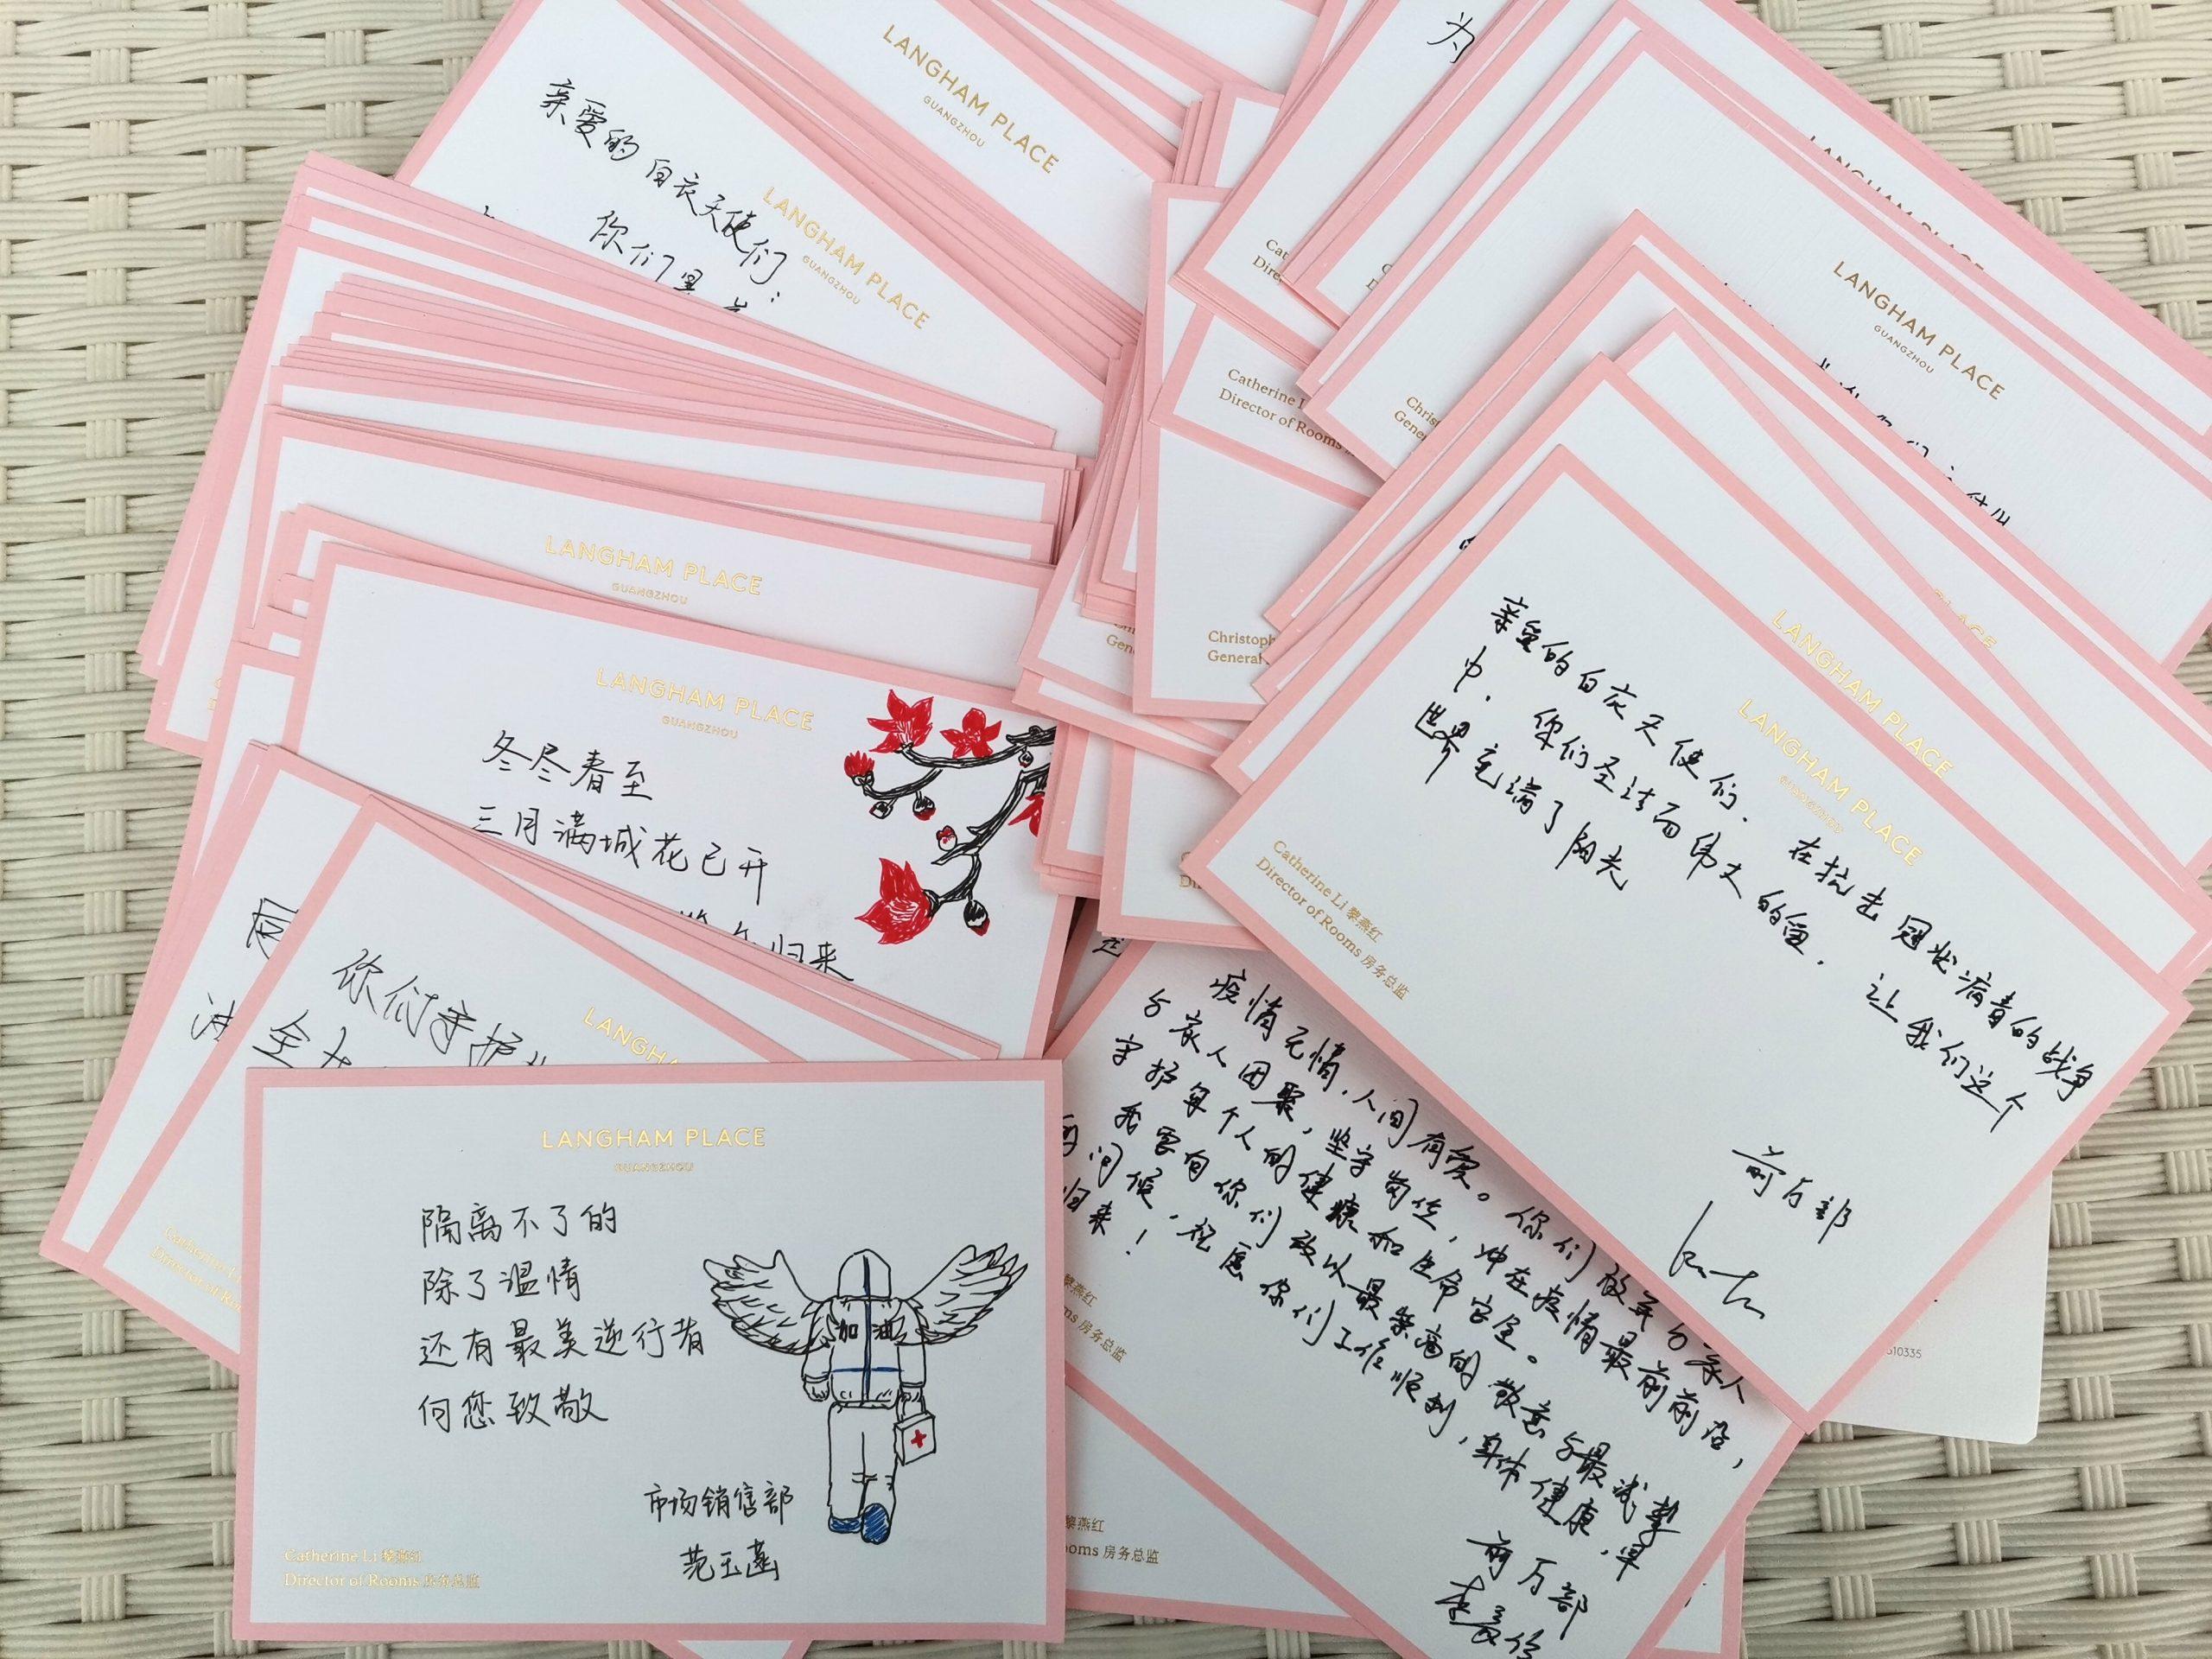 酒店员工亲笔信 | Hand-written card